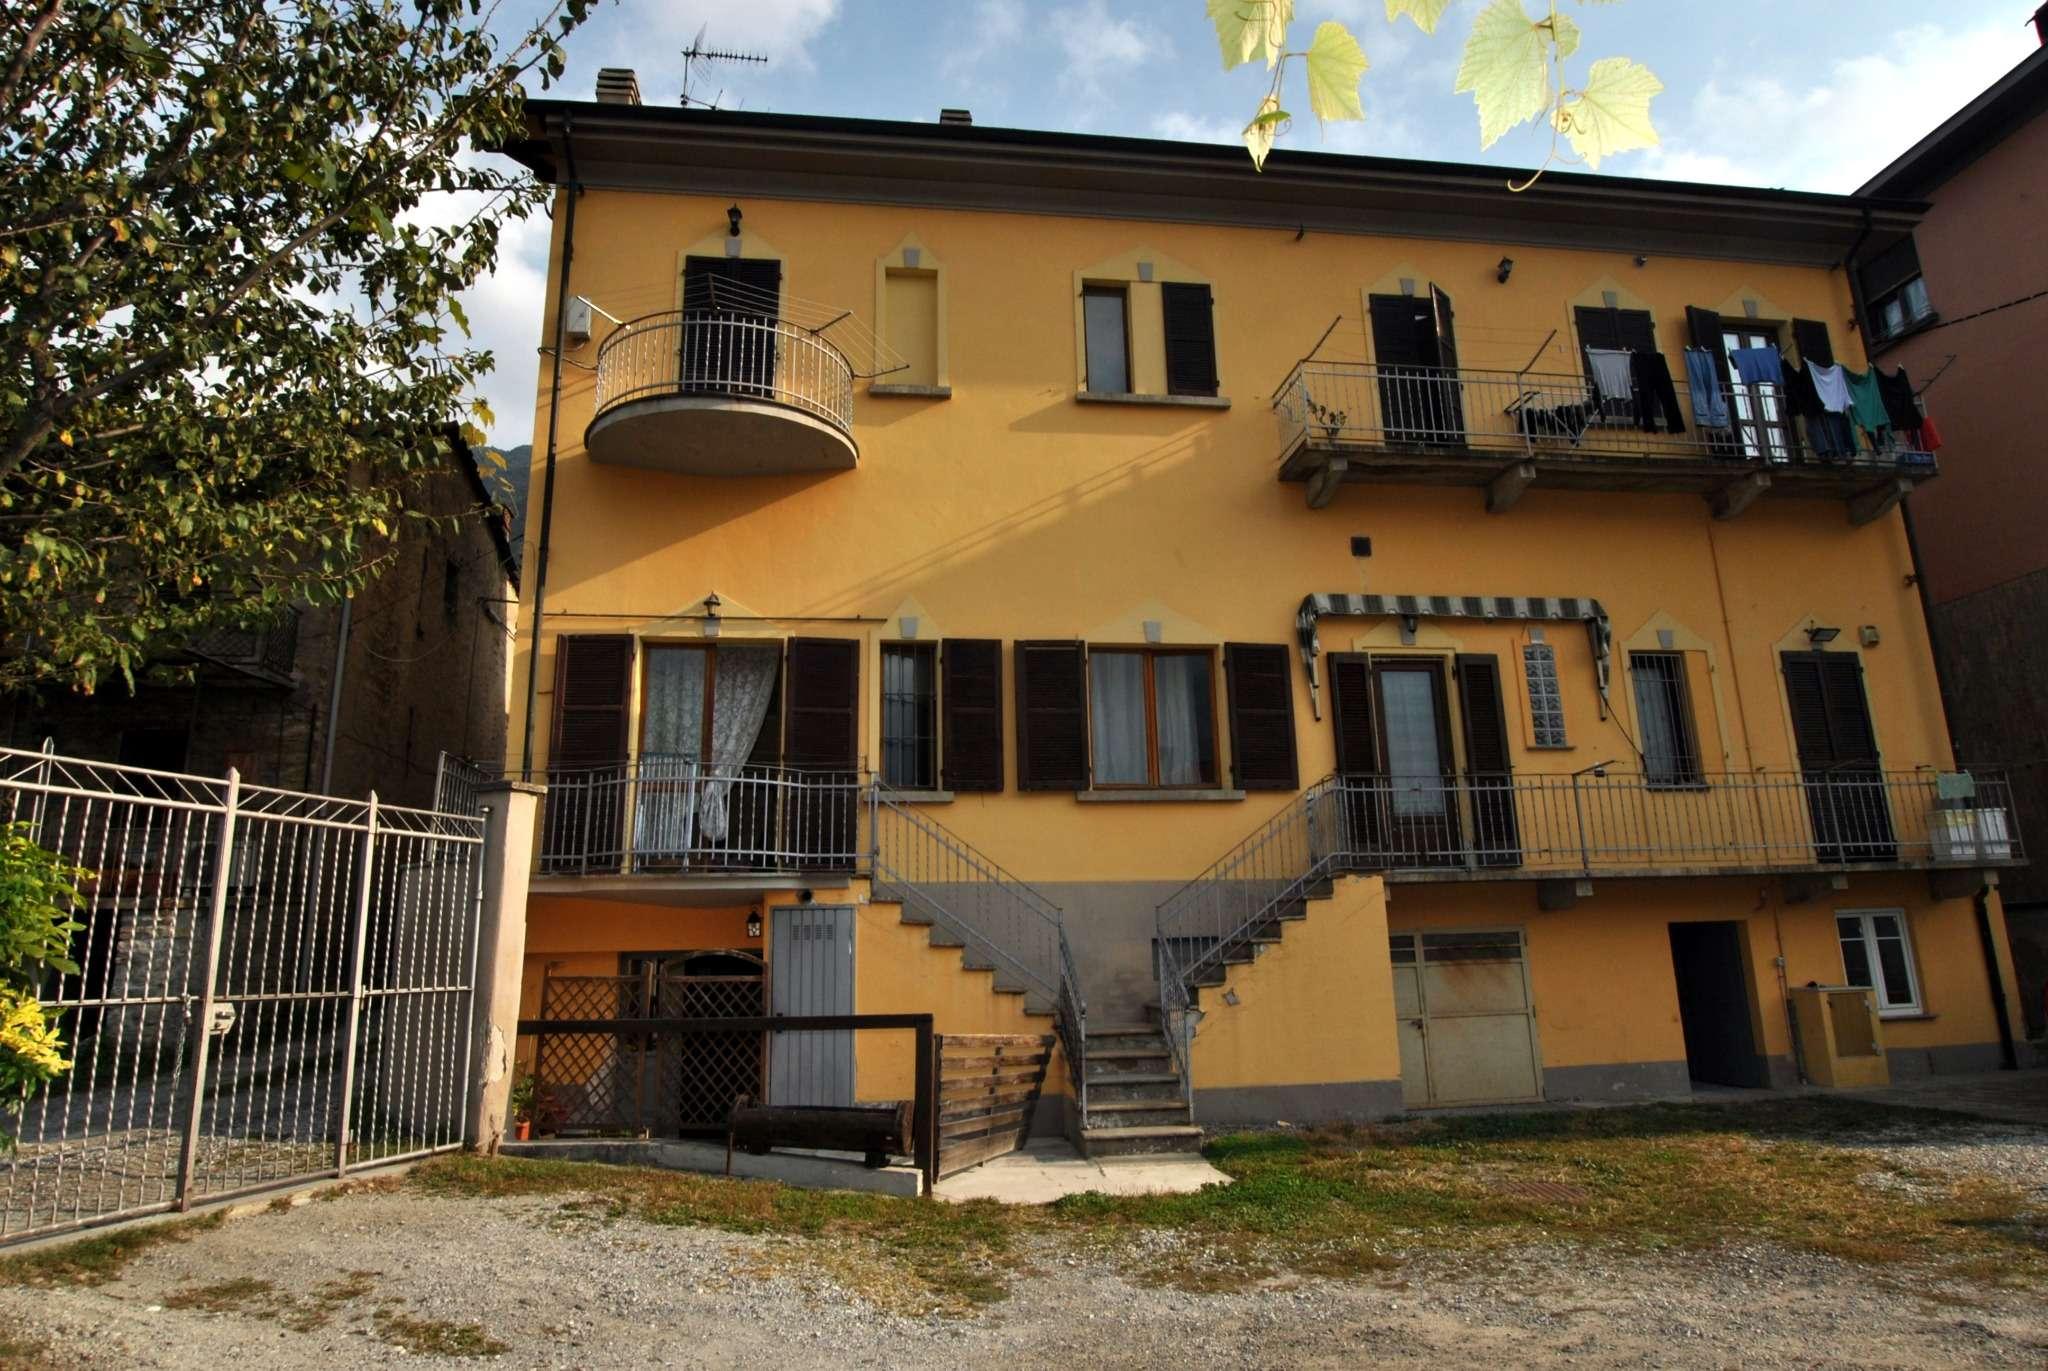 Soluzione Semindipendente in vendita a Borgone Susa, 5 locali, prezzo € 125.000 | PortaleAgenzieImmobiliari.it